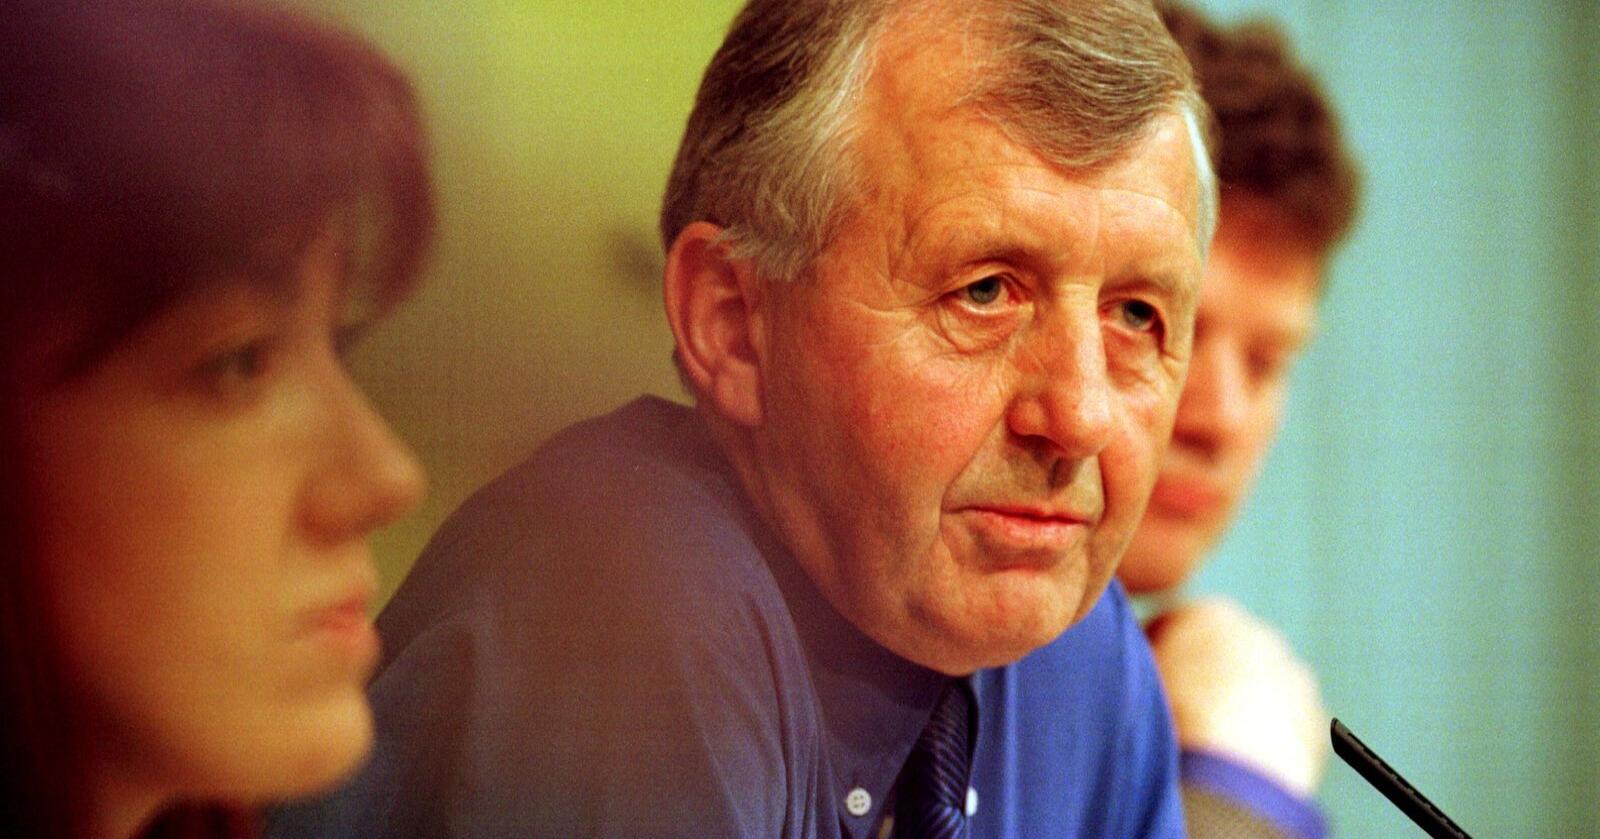 Gått bort: Gudmund Restad var lensmann og senterpartipolitiker. Han var finansminister under den første Bondevikregjeringen. Bildet er fra 1998. Foto: Berit Roald / NTB